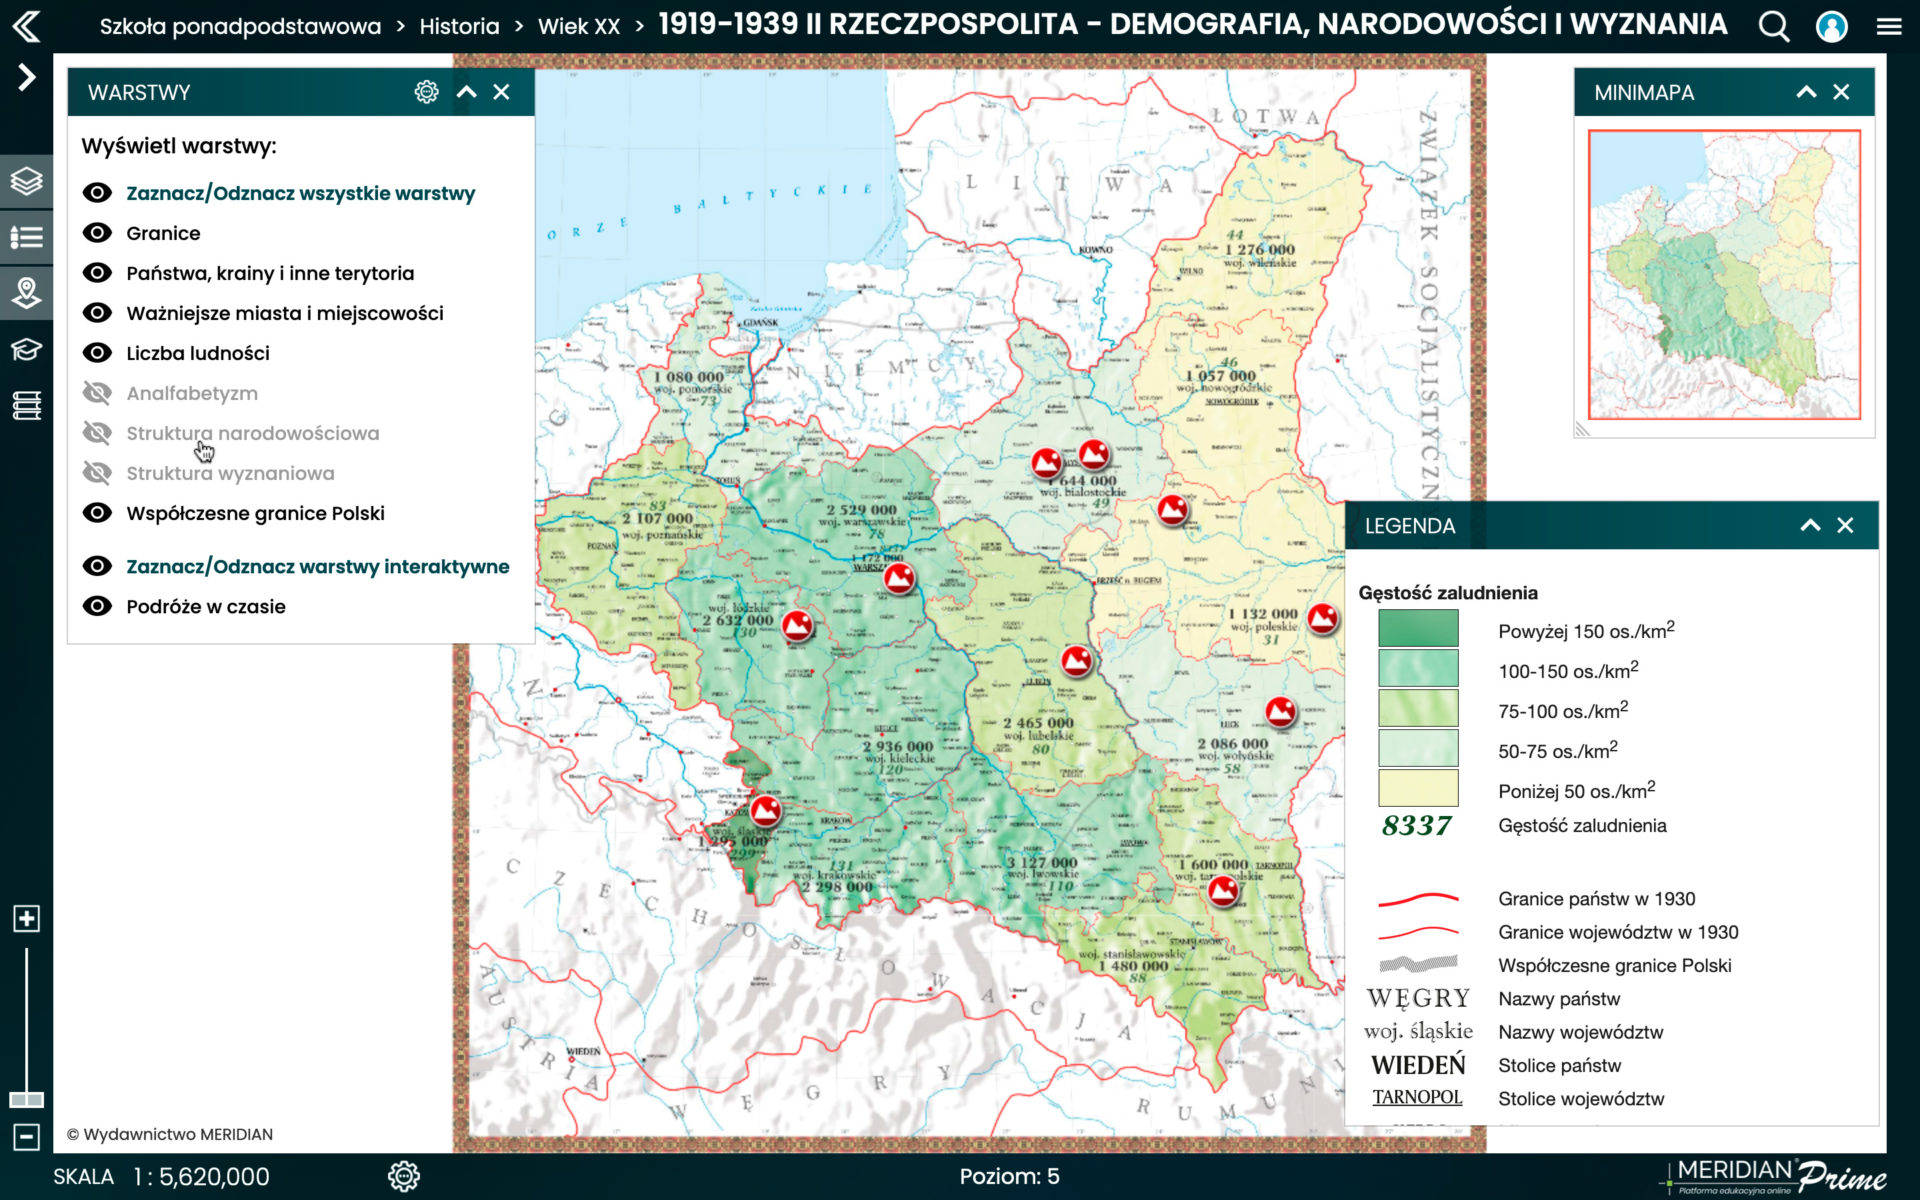 1919-1939 II Rzeczpospolita - demografia, narodowości i wyznania